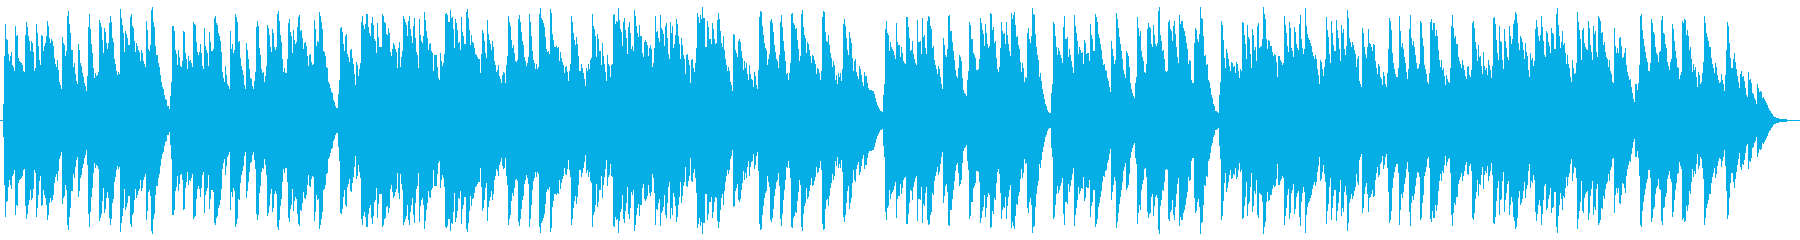 荒野の果てに オルゴールの再生済みの波形